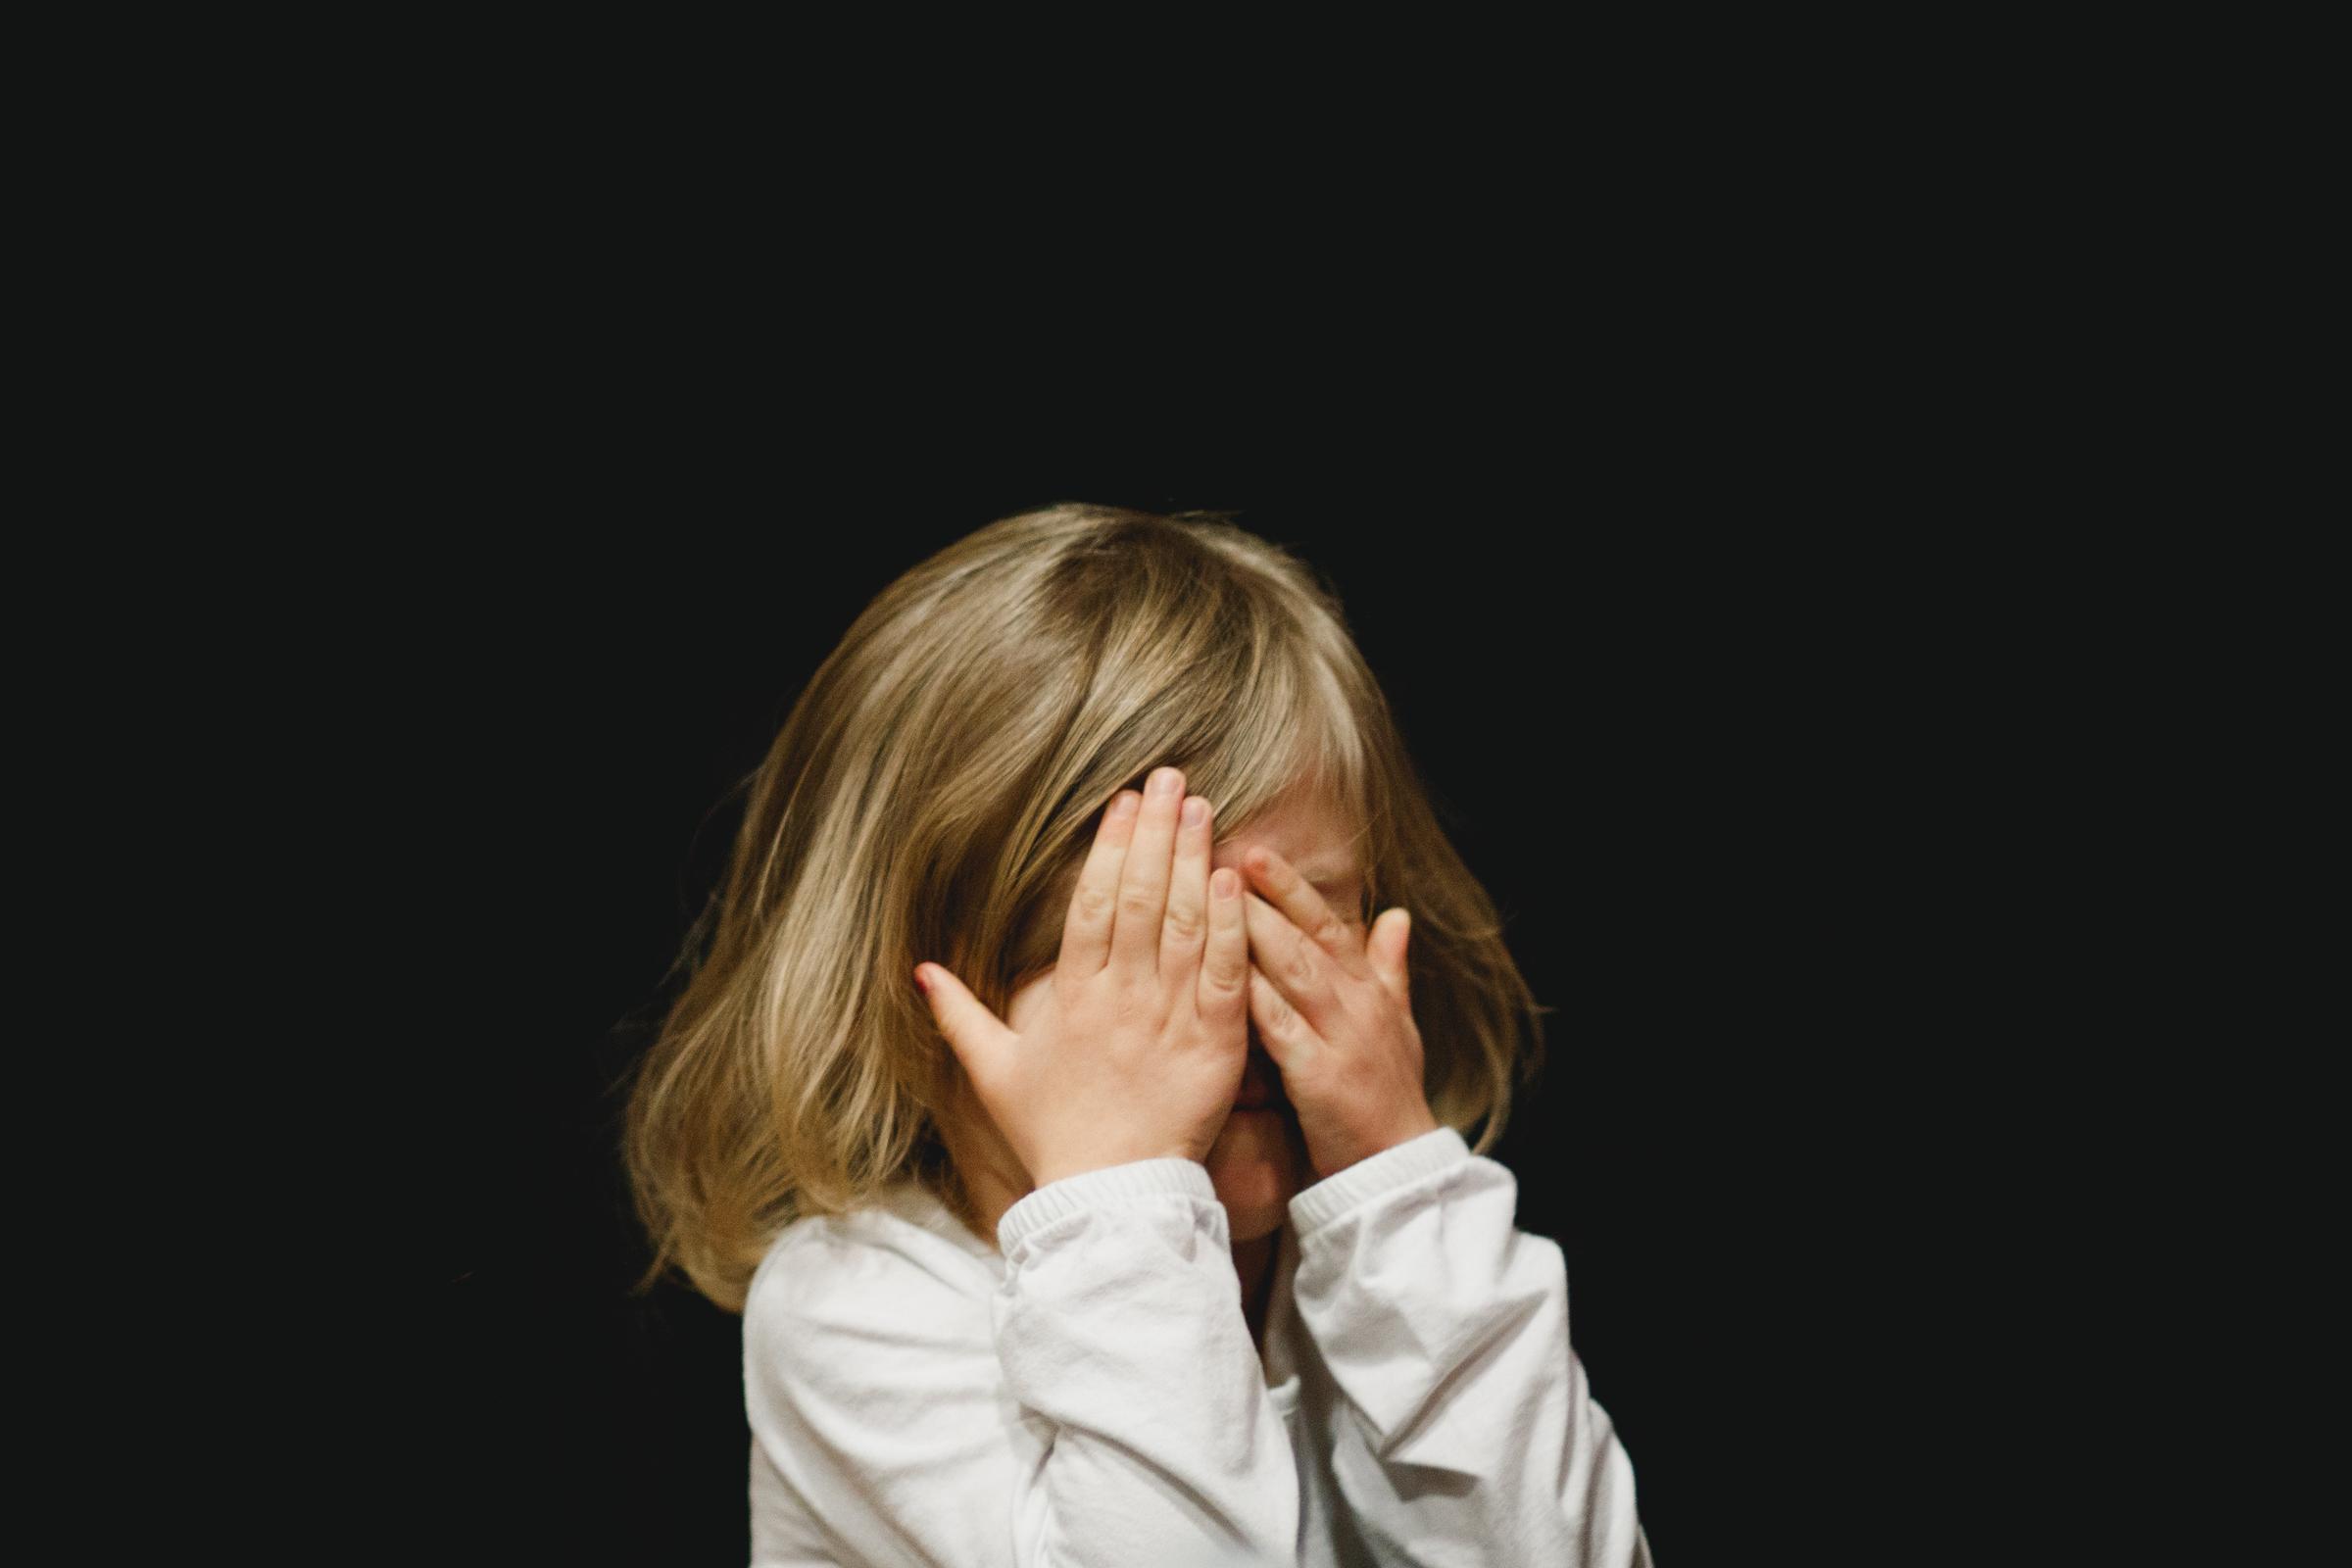 کودک و رابطه جنسی والدین